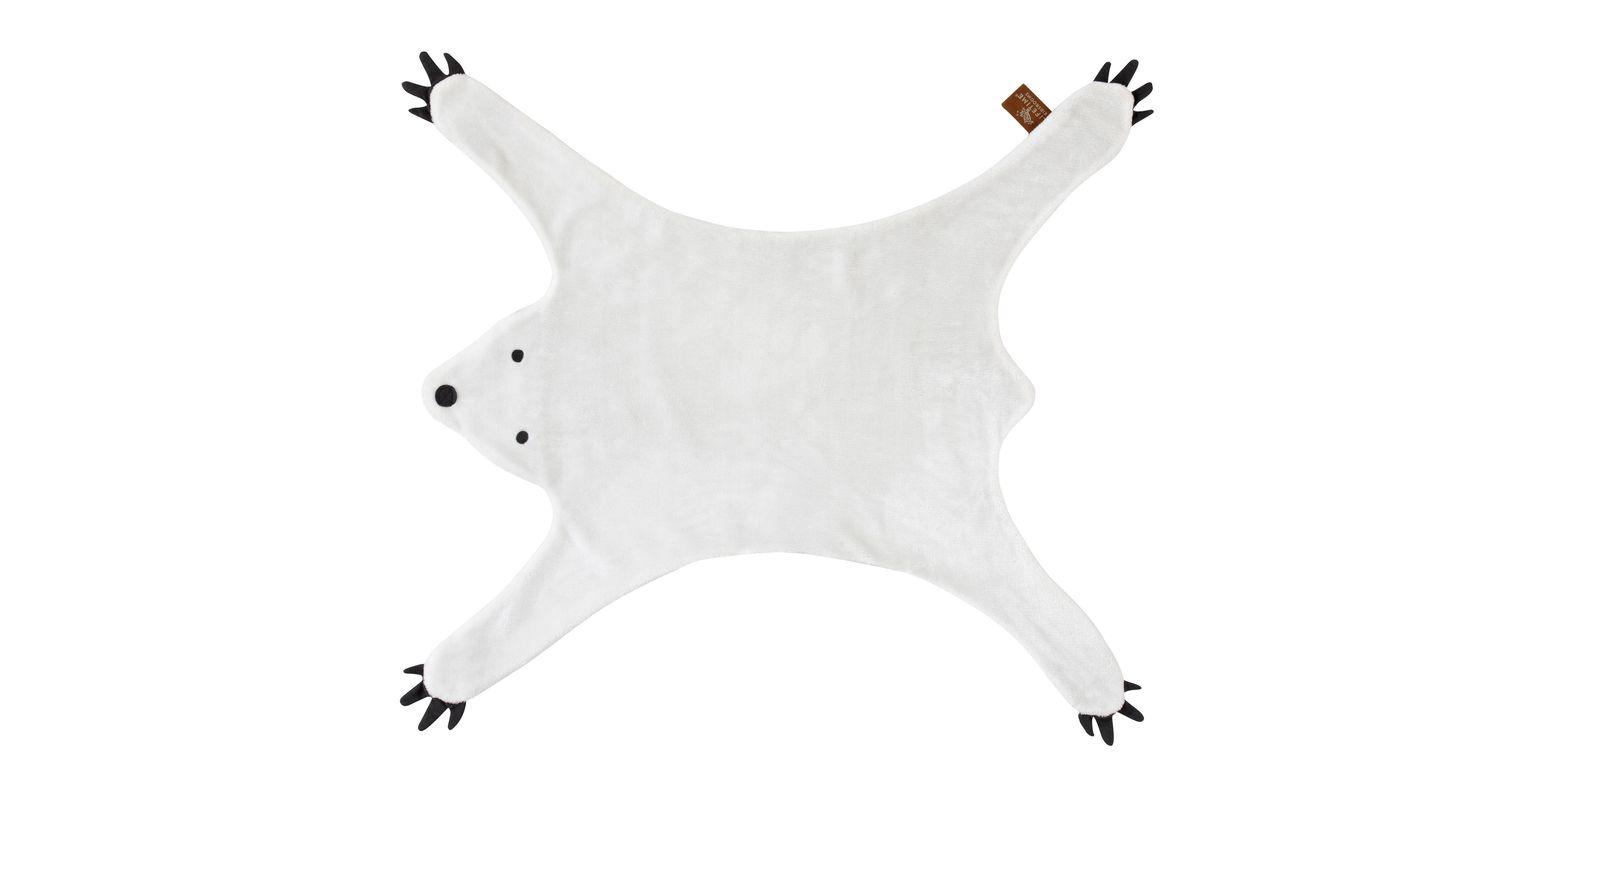 Moderner LIFETIME Teppich und Verkleidung Bär in Weiß für Mädchenzimmer